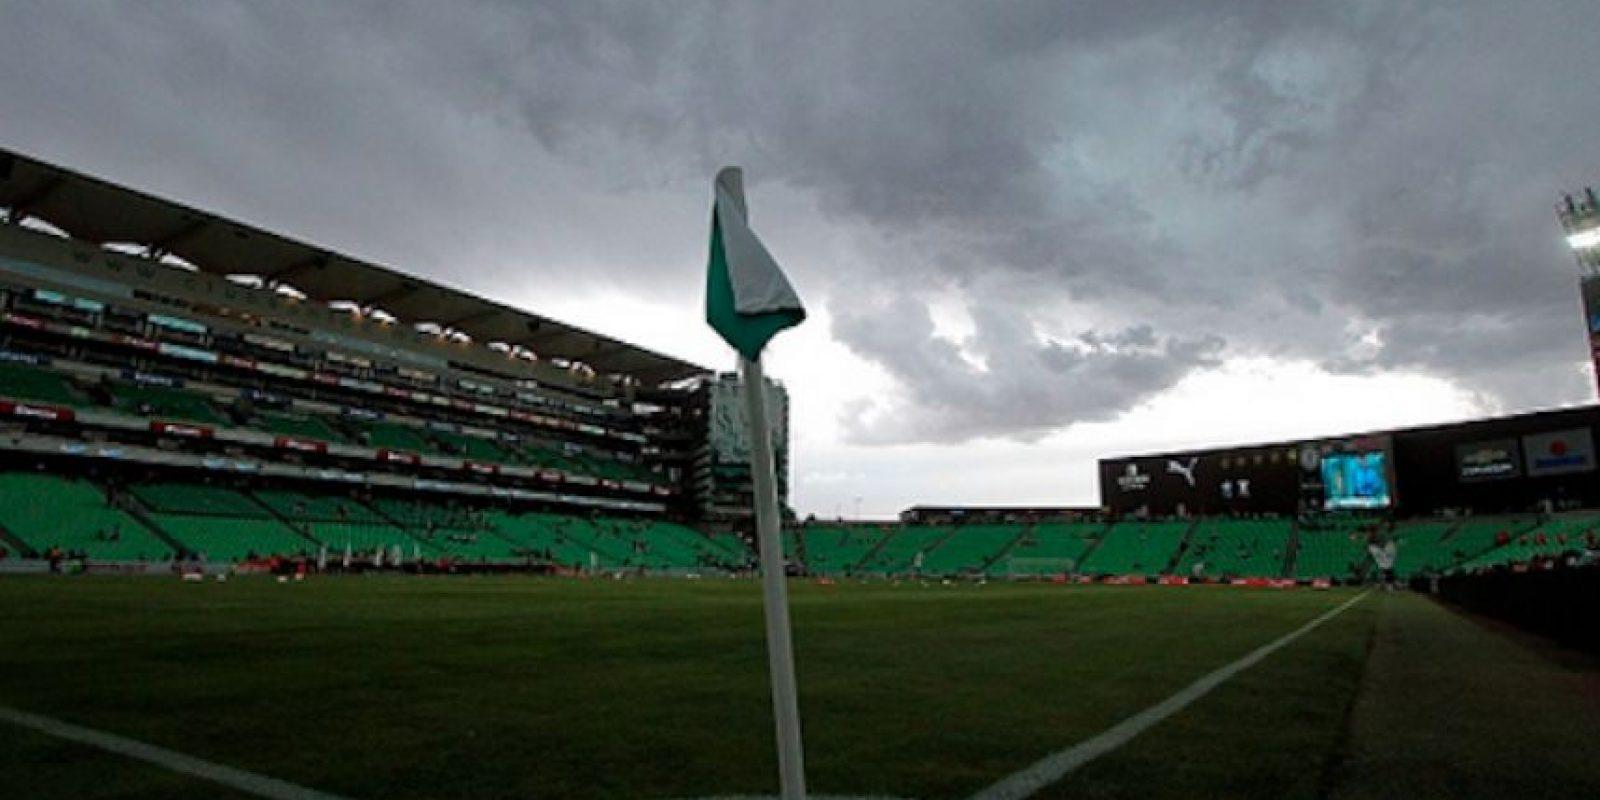 El TSM presenció una de las riñas más violentas en los últimos torneos mexicanos. Foto:Getty Images